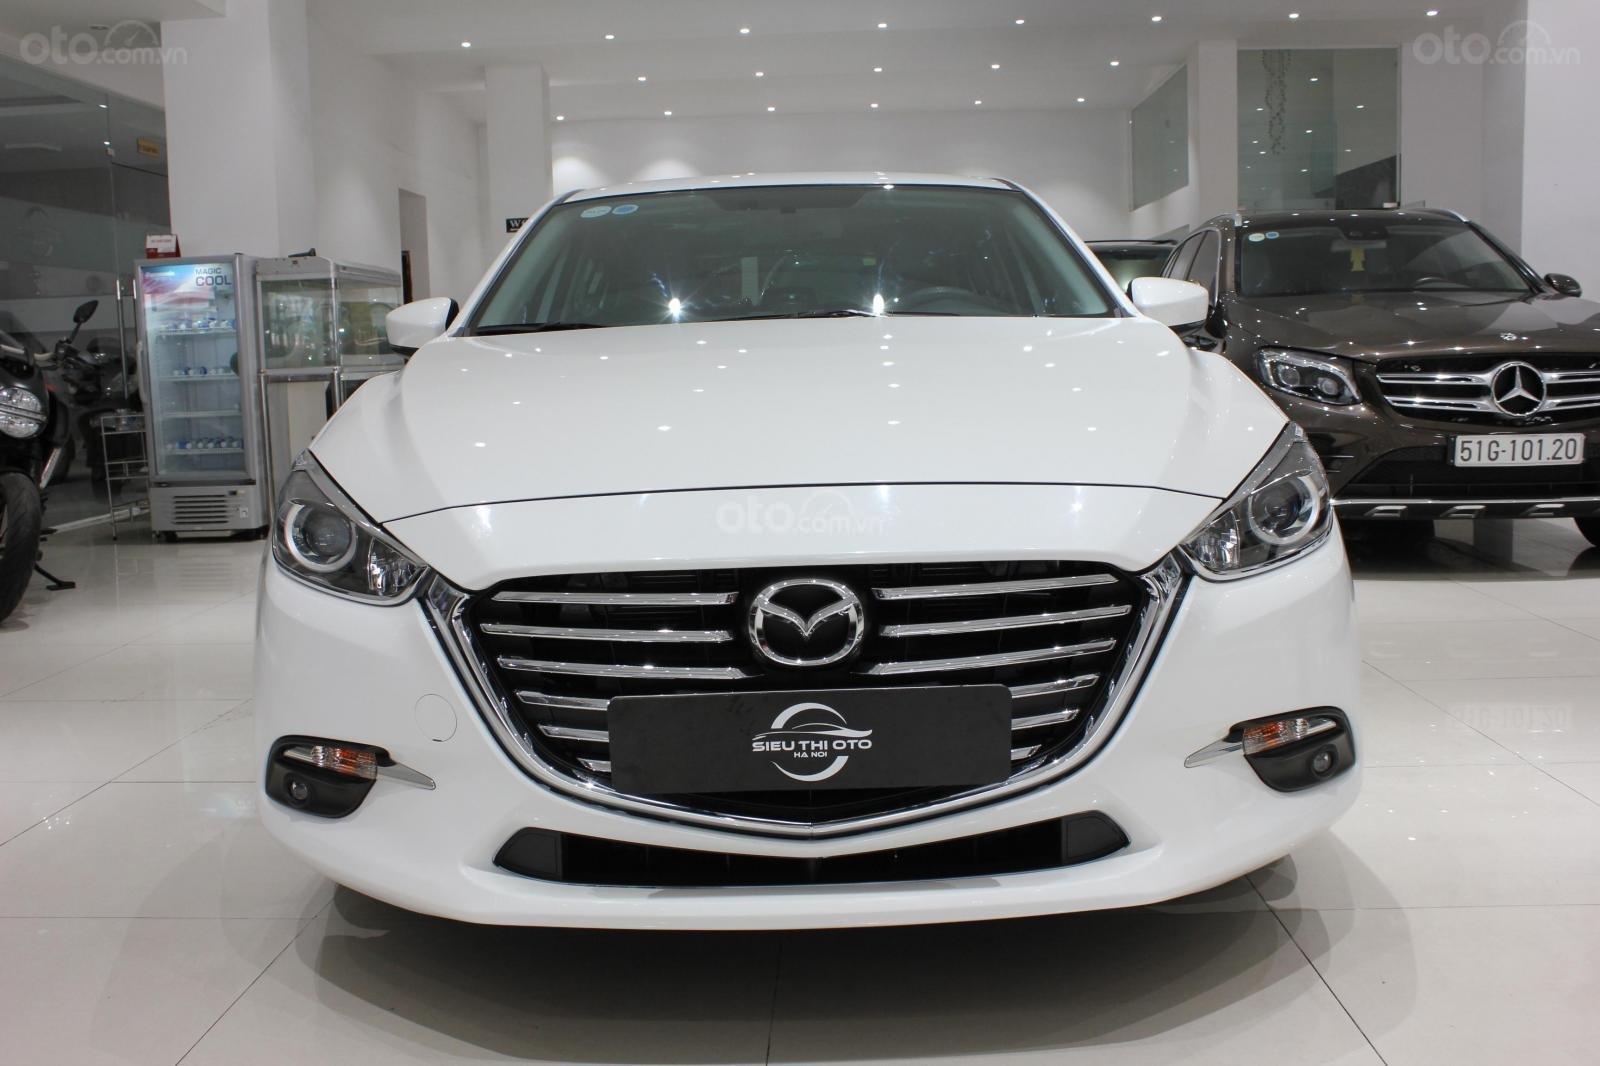 Chính chủ cần bán Mazda 3 2017 bản hatchback màu trắng, số tự động, full option (1)